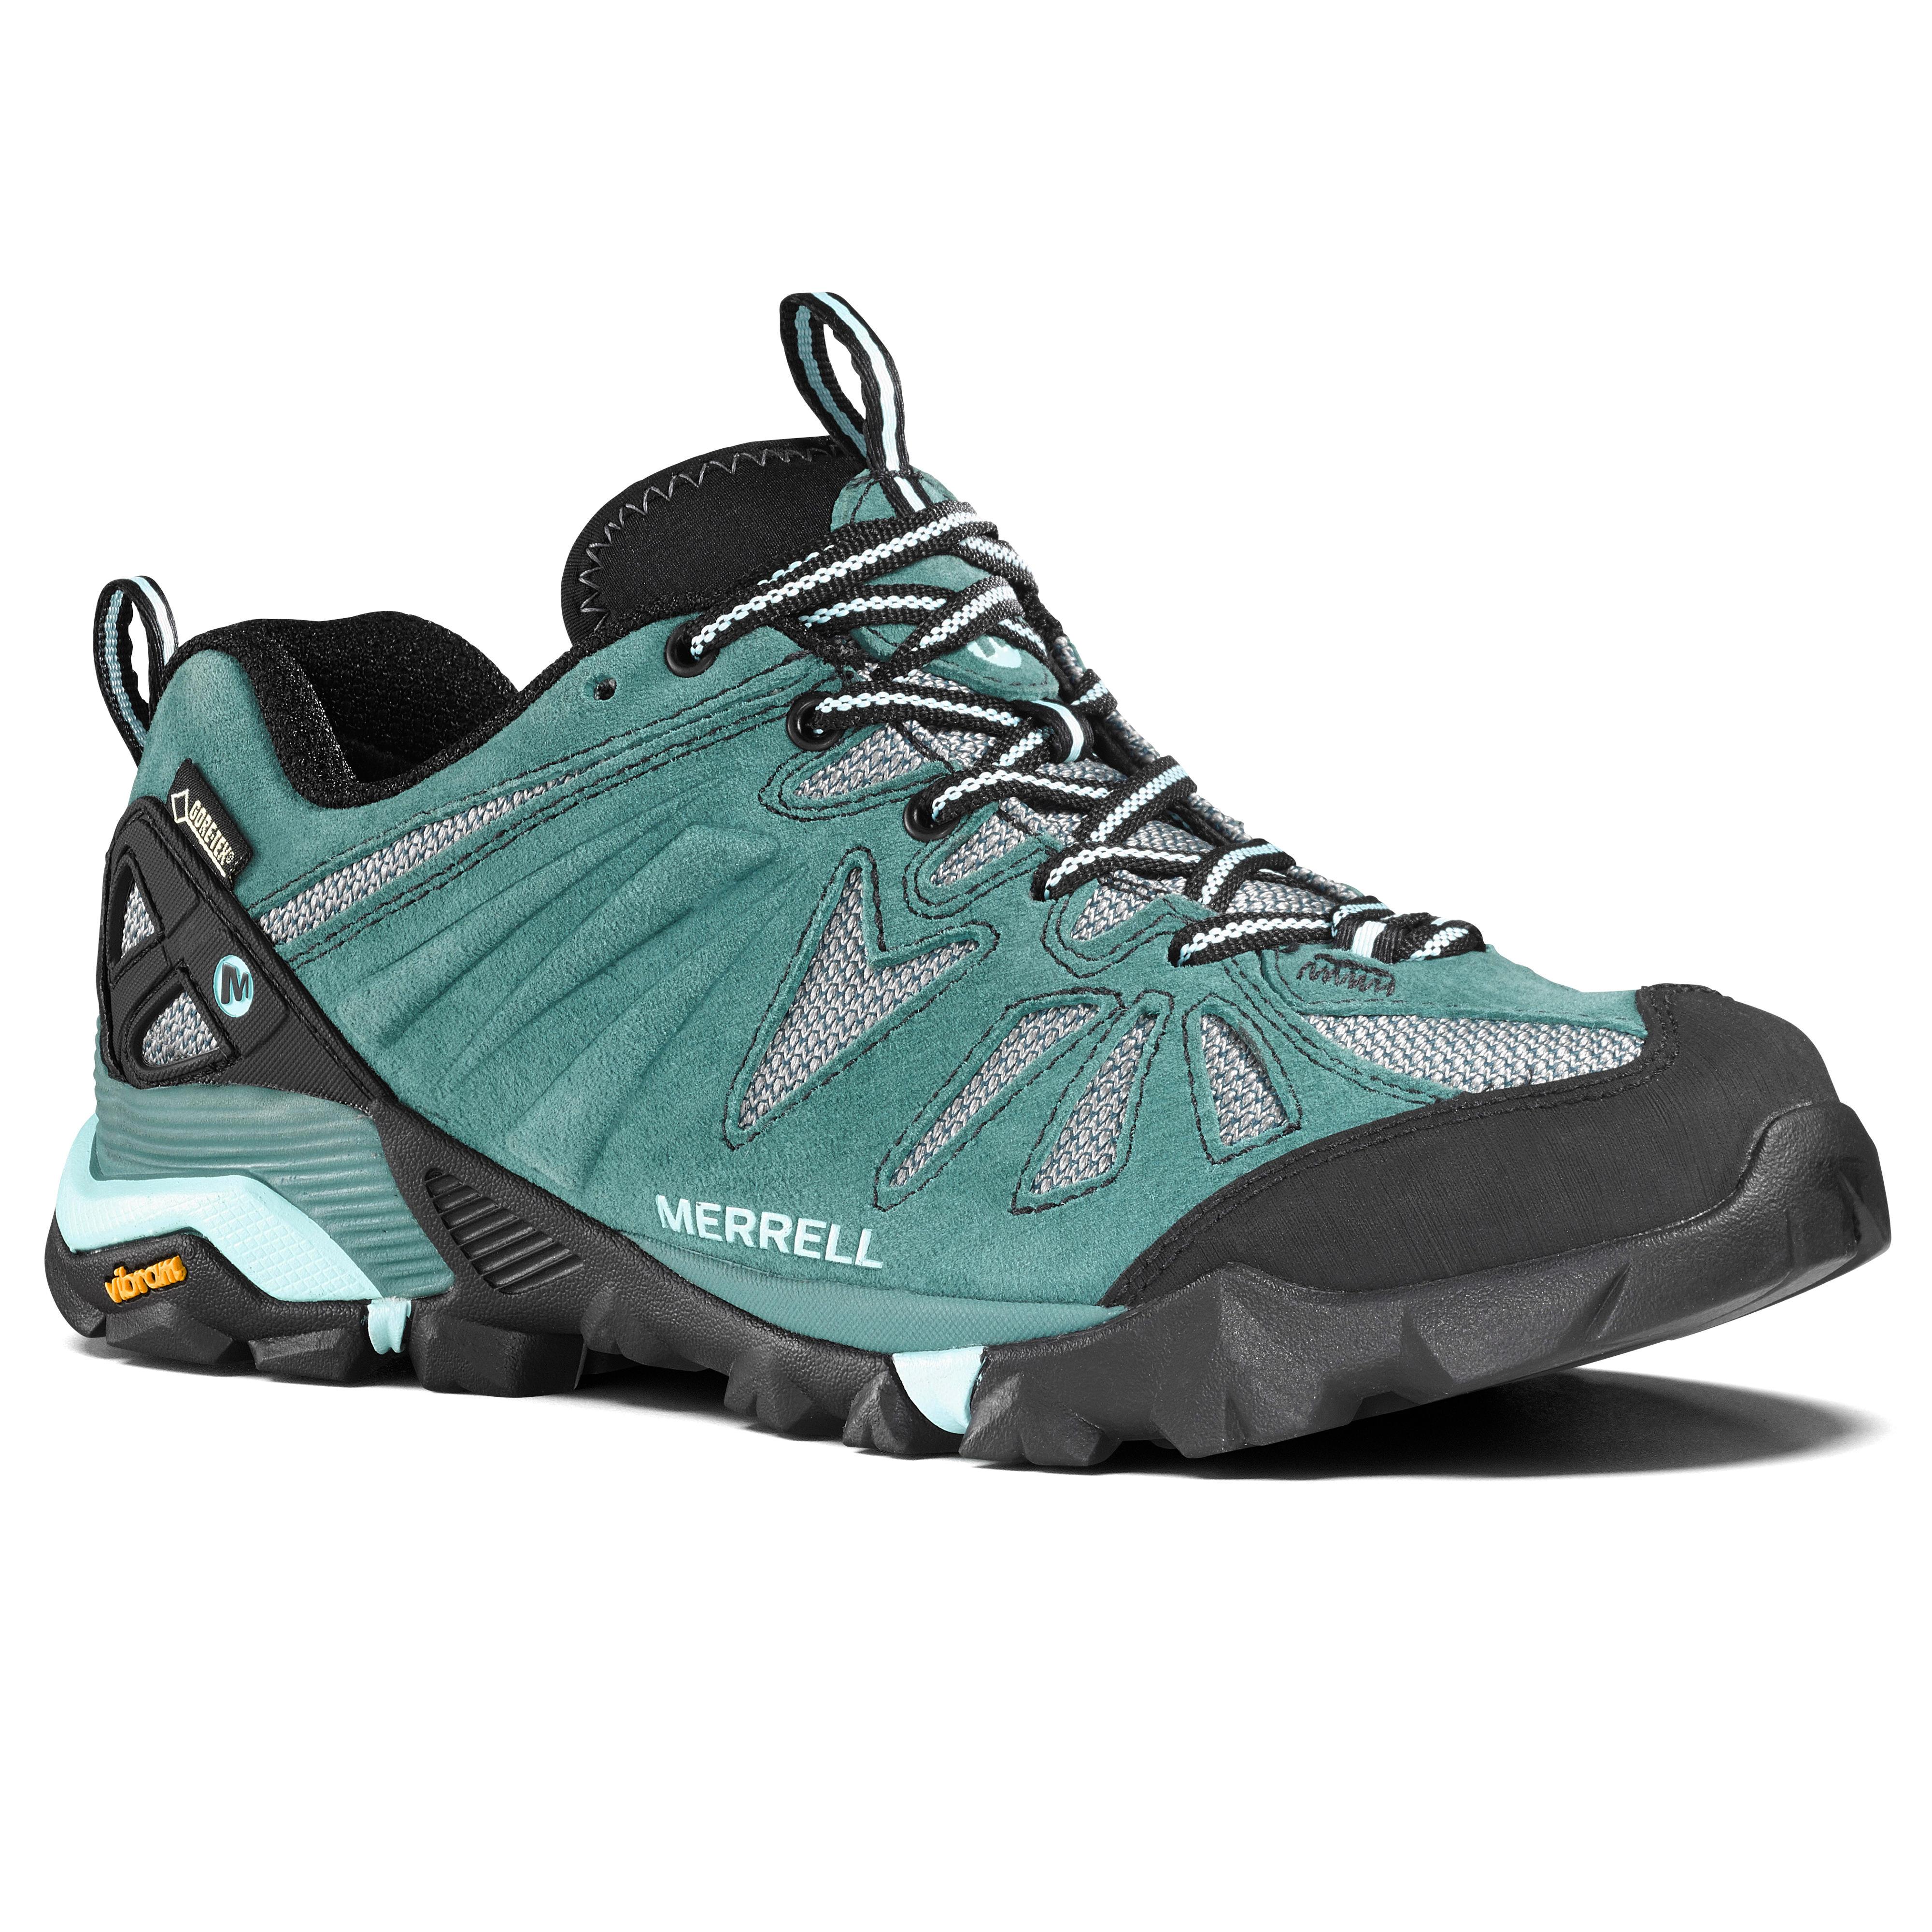 aab5f9217fd Merrell Wandelschoenen voor bergtochten dames Merrell Capra Gore-Tex |  Decathlon